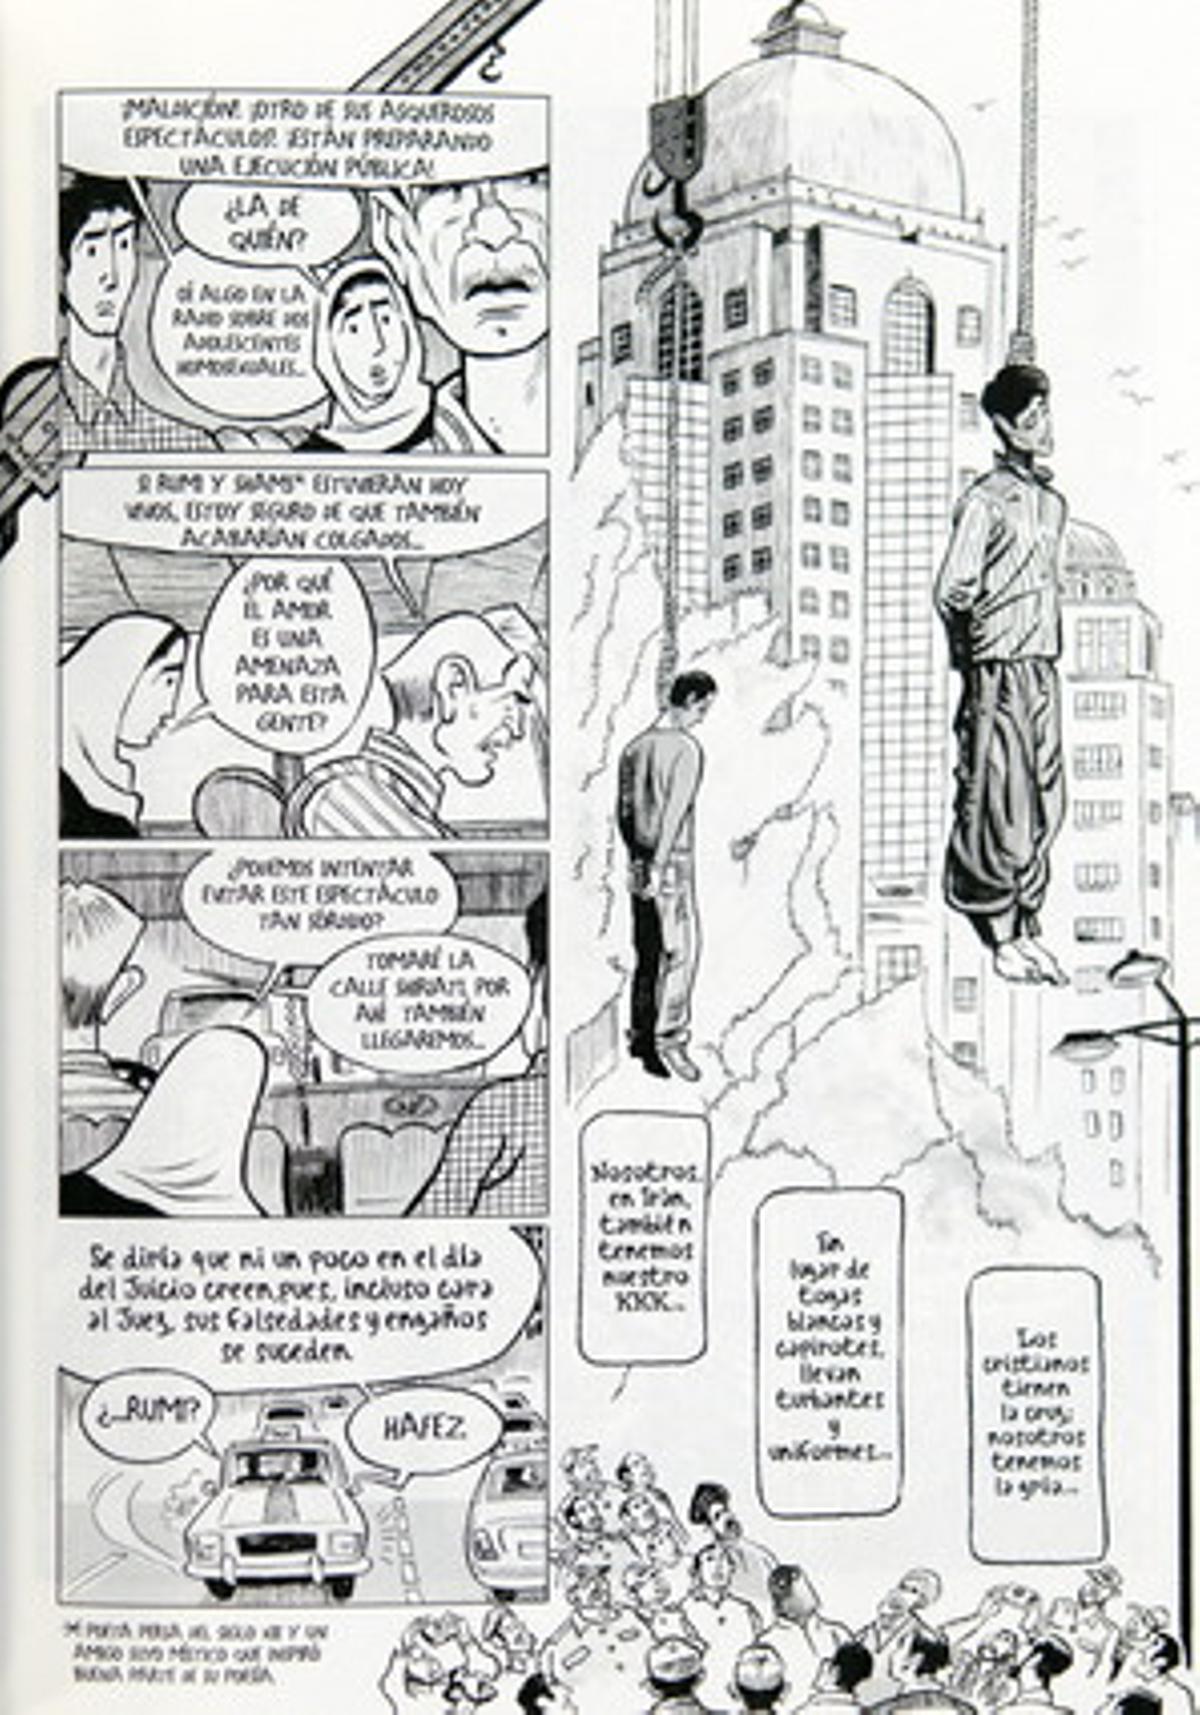 Vista de una de las paginas del comic 'El paraíso de Zahra'.